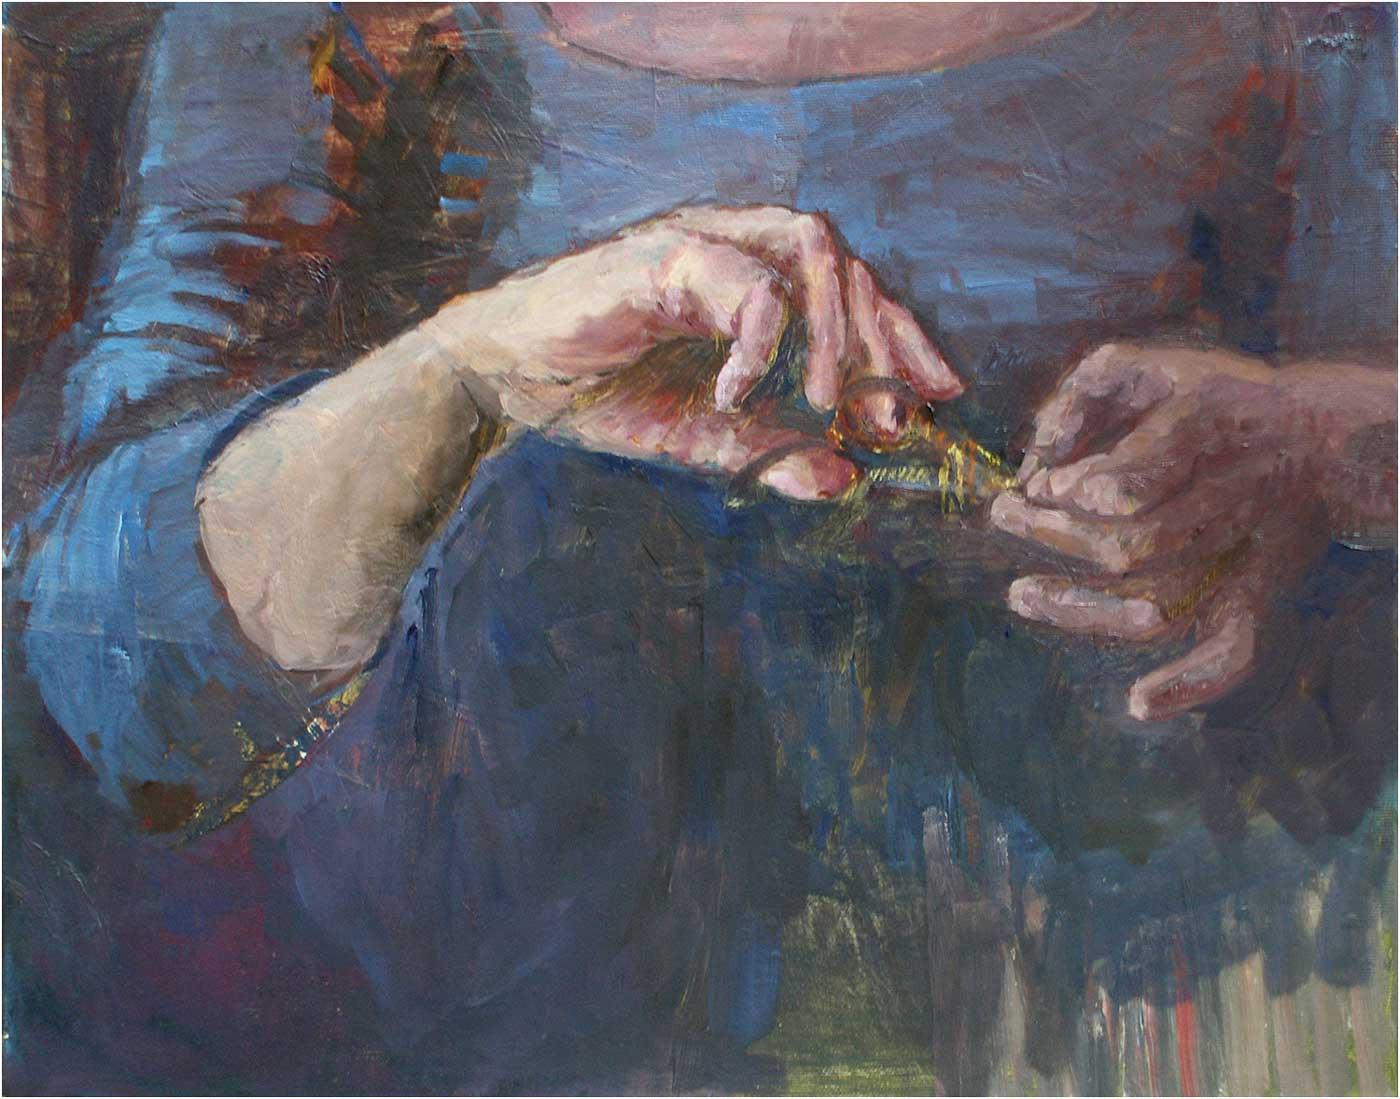 Samson, 40 x 50 cm, Öl/Lwd., 2015